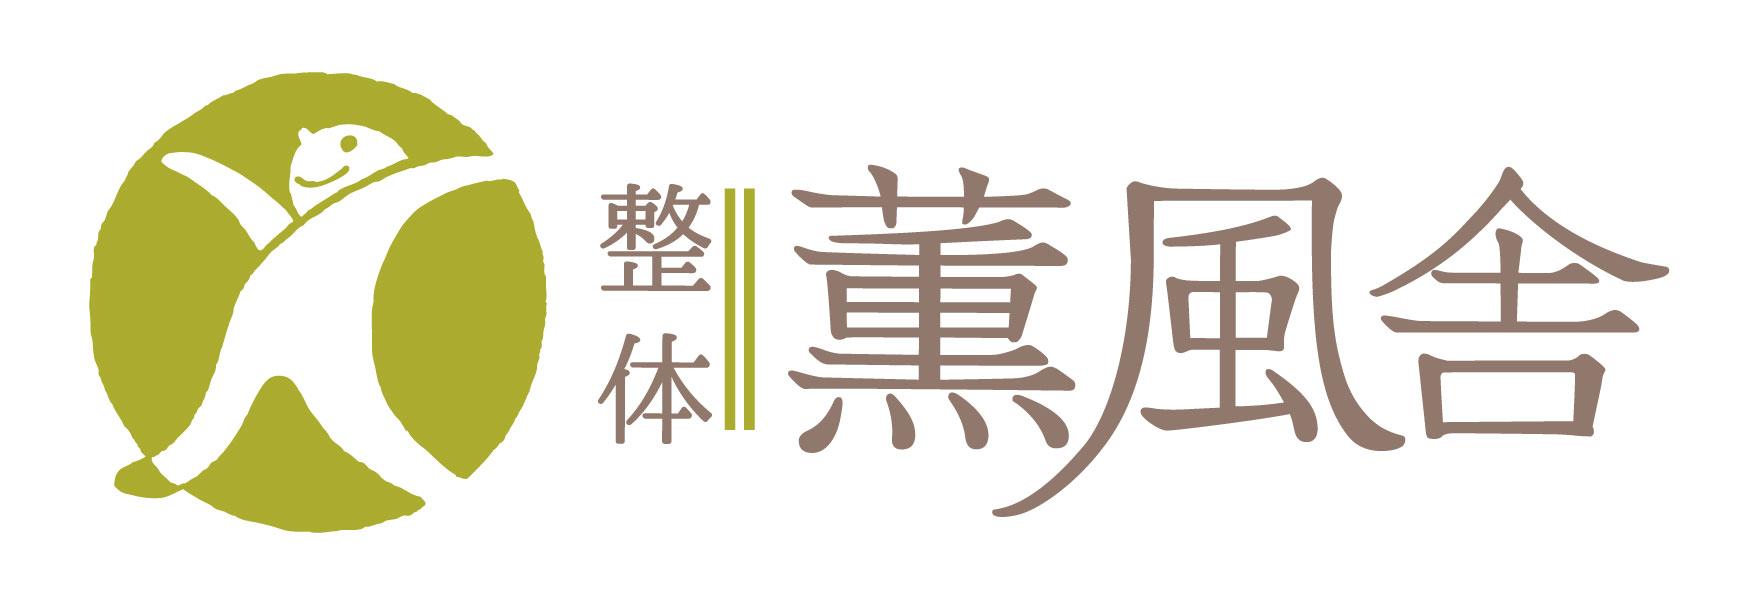 東京五反田 整体 薫風舎